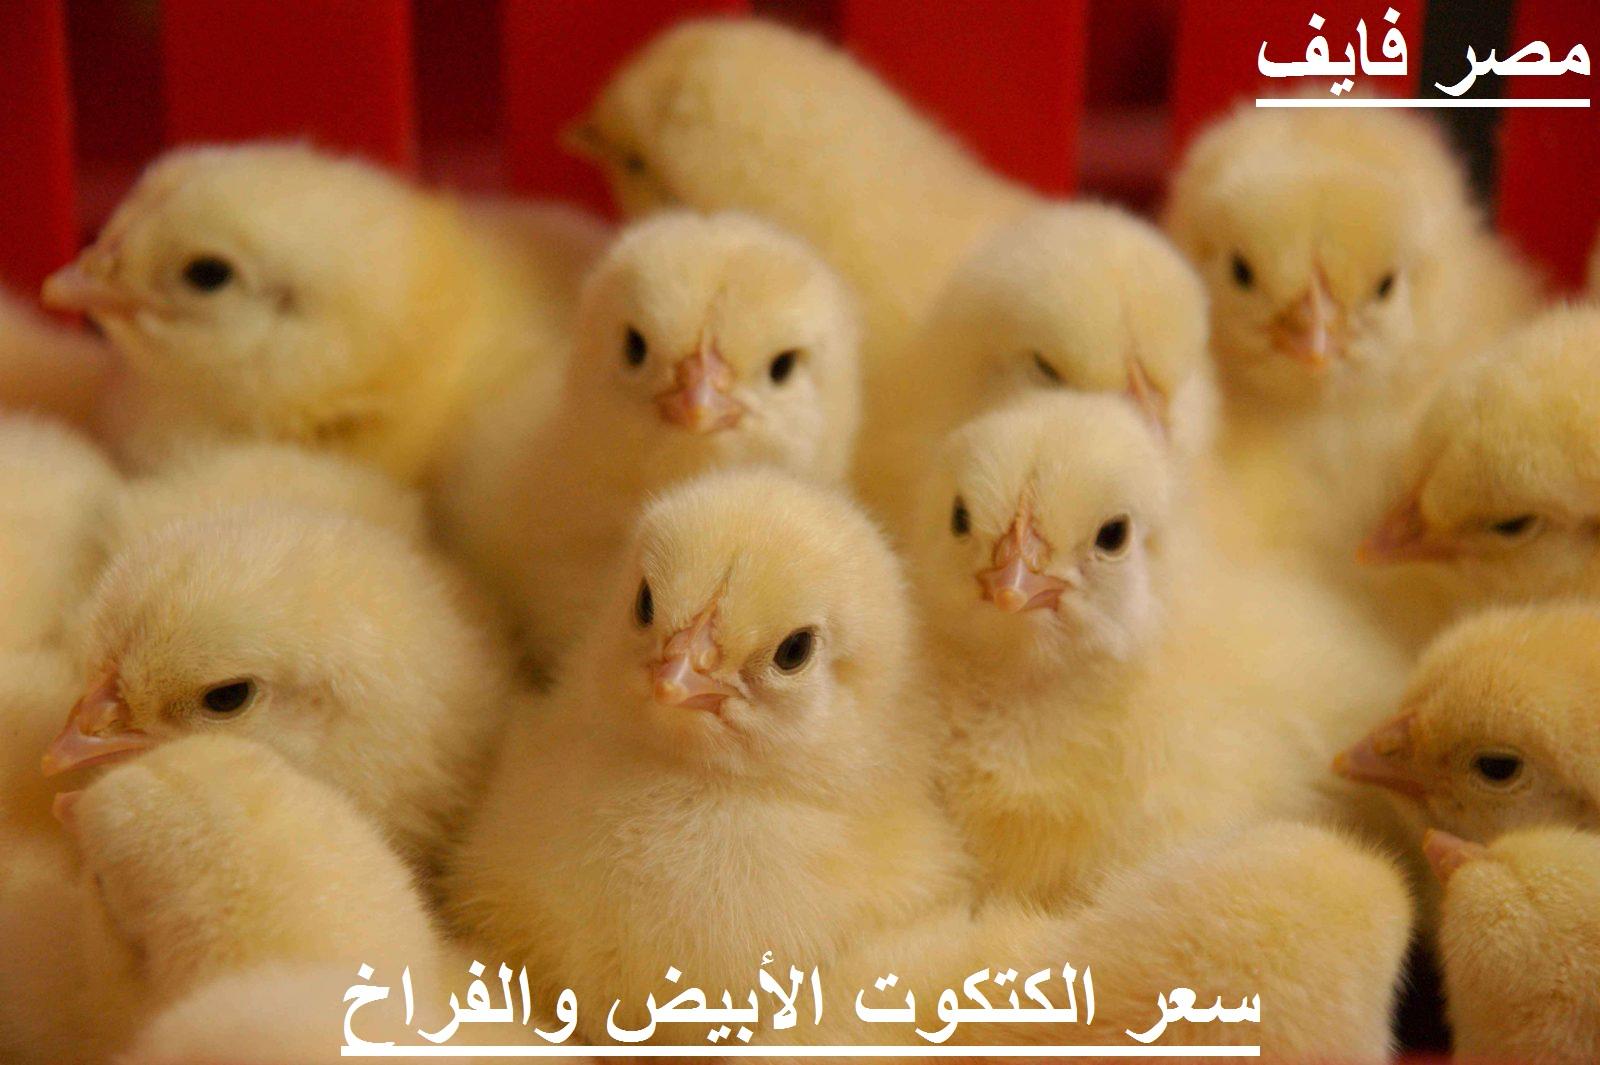 سعر الفراخ اليوم الإثنين 2 أغسطس في بورصة الدواجن وسعر الكتكوت الأبيض والبيض 2